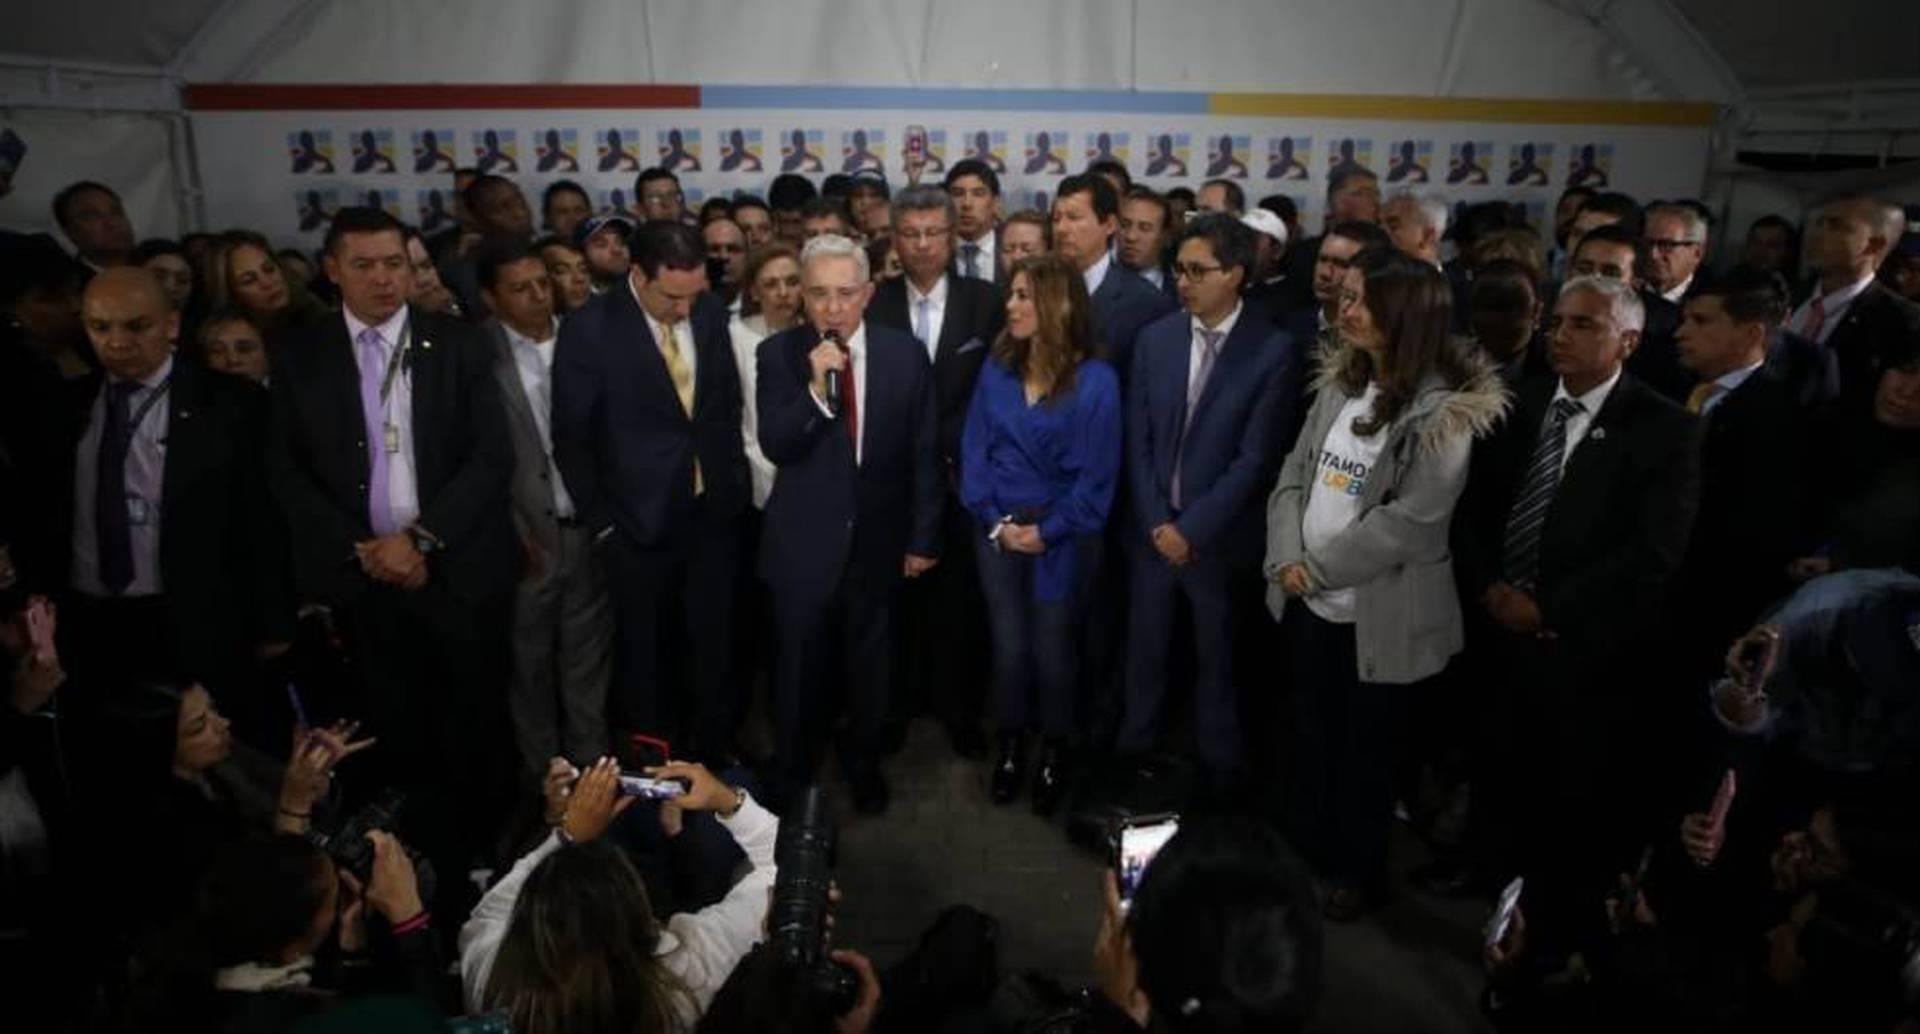 Luego de la emisión de un video en donde se exaltaba su gestión como presidente, hacia las ocho de la noche, Álvaro Uribe llegó a la sede del Centro Democrático y dio un discurso de una hora y cuarto en el que explicó las razones de su inocencia.